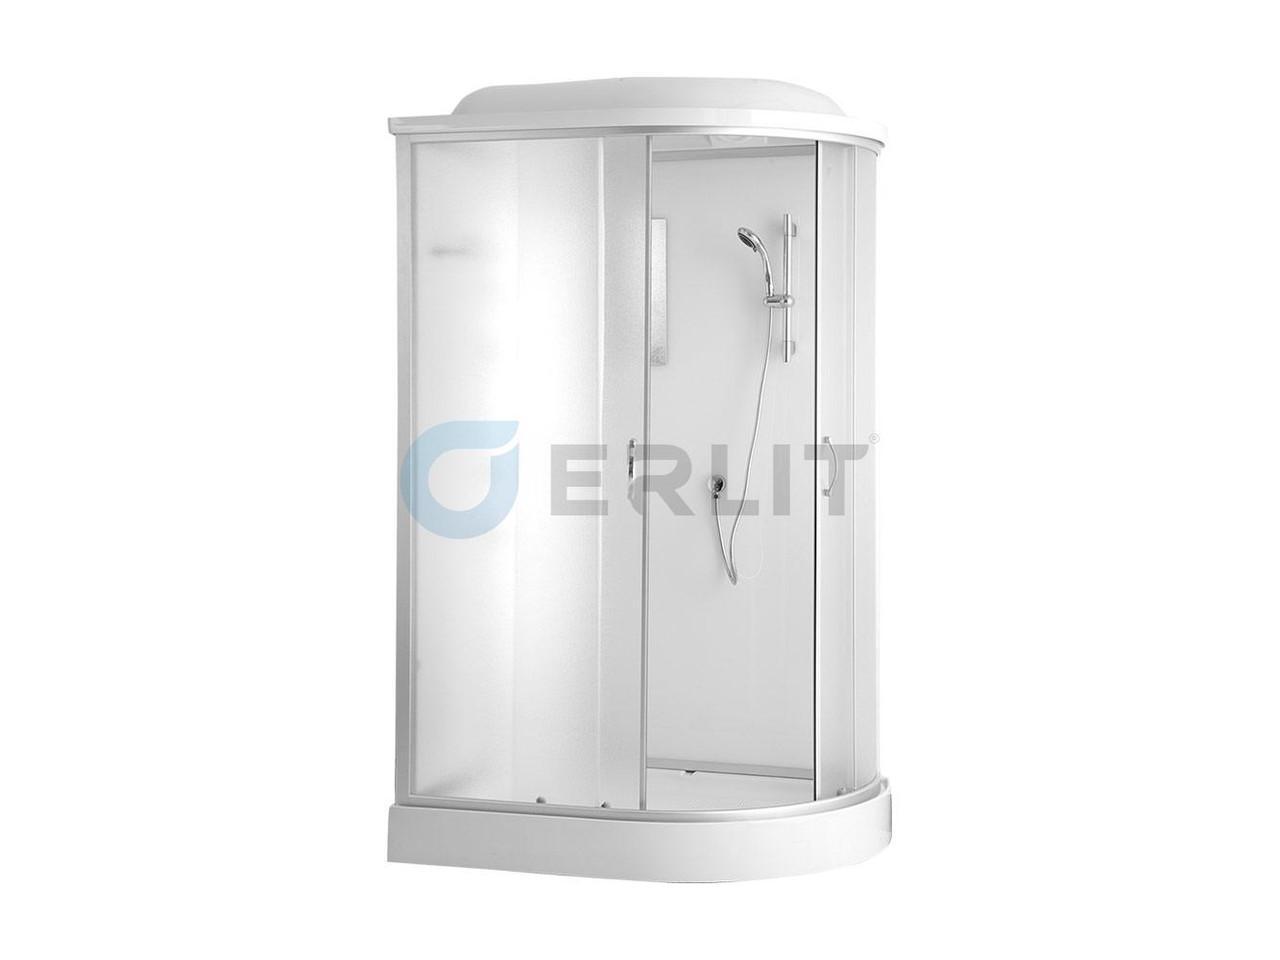 Душевая кабина Erlit  ER4512PL-C3 1200*800*2150 низкий поддон, светлое стекло, левосторонняя